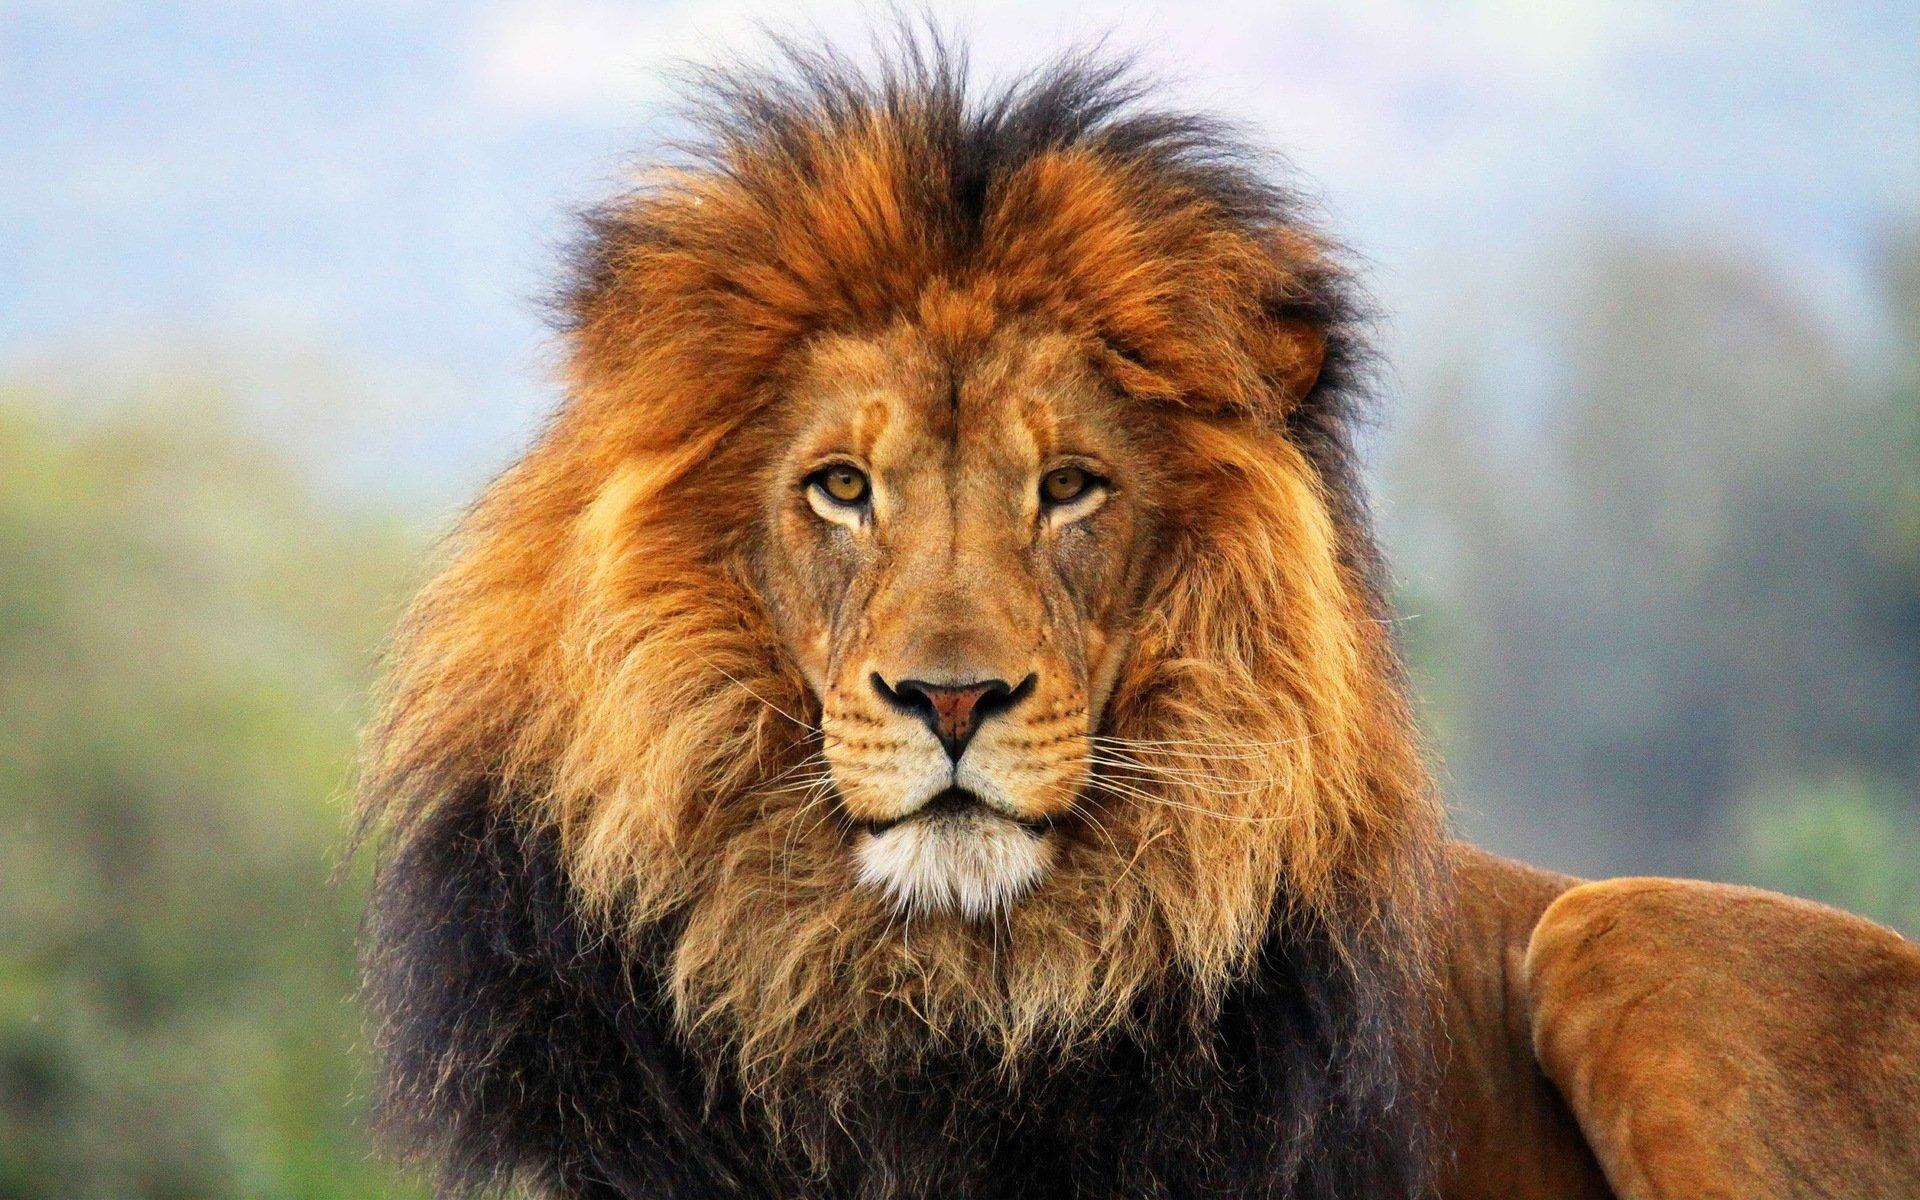 Hình nền sư tử hoang dã